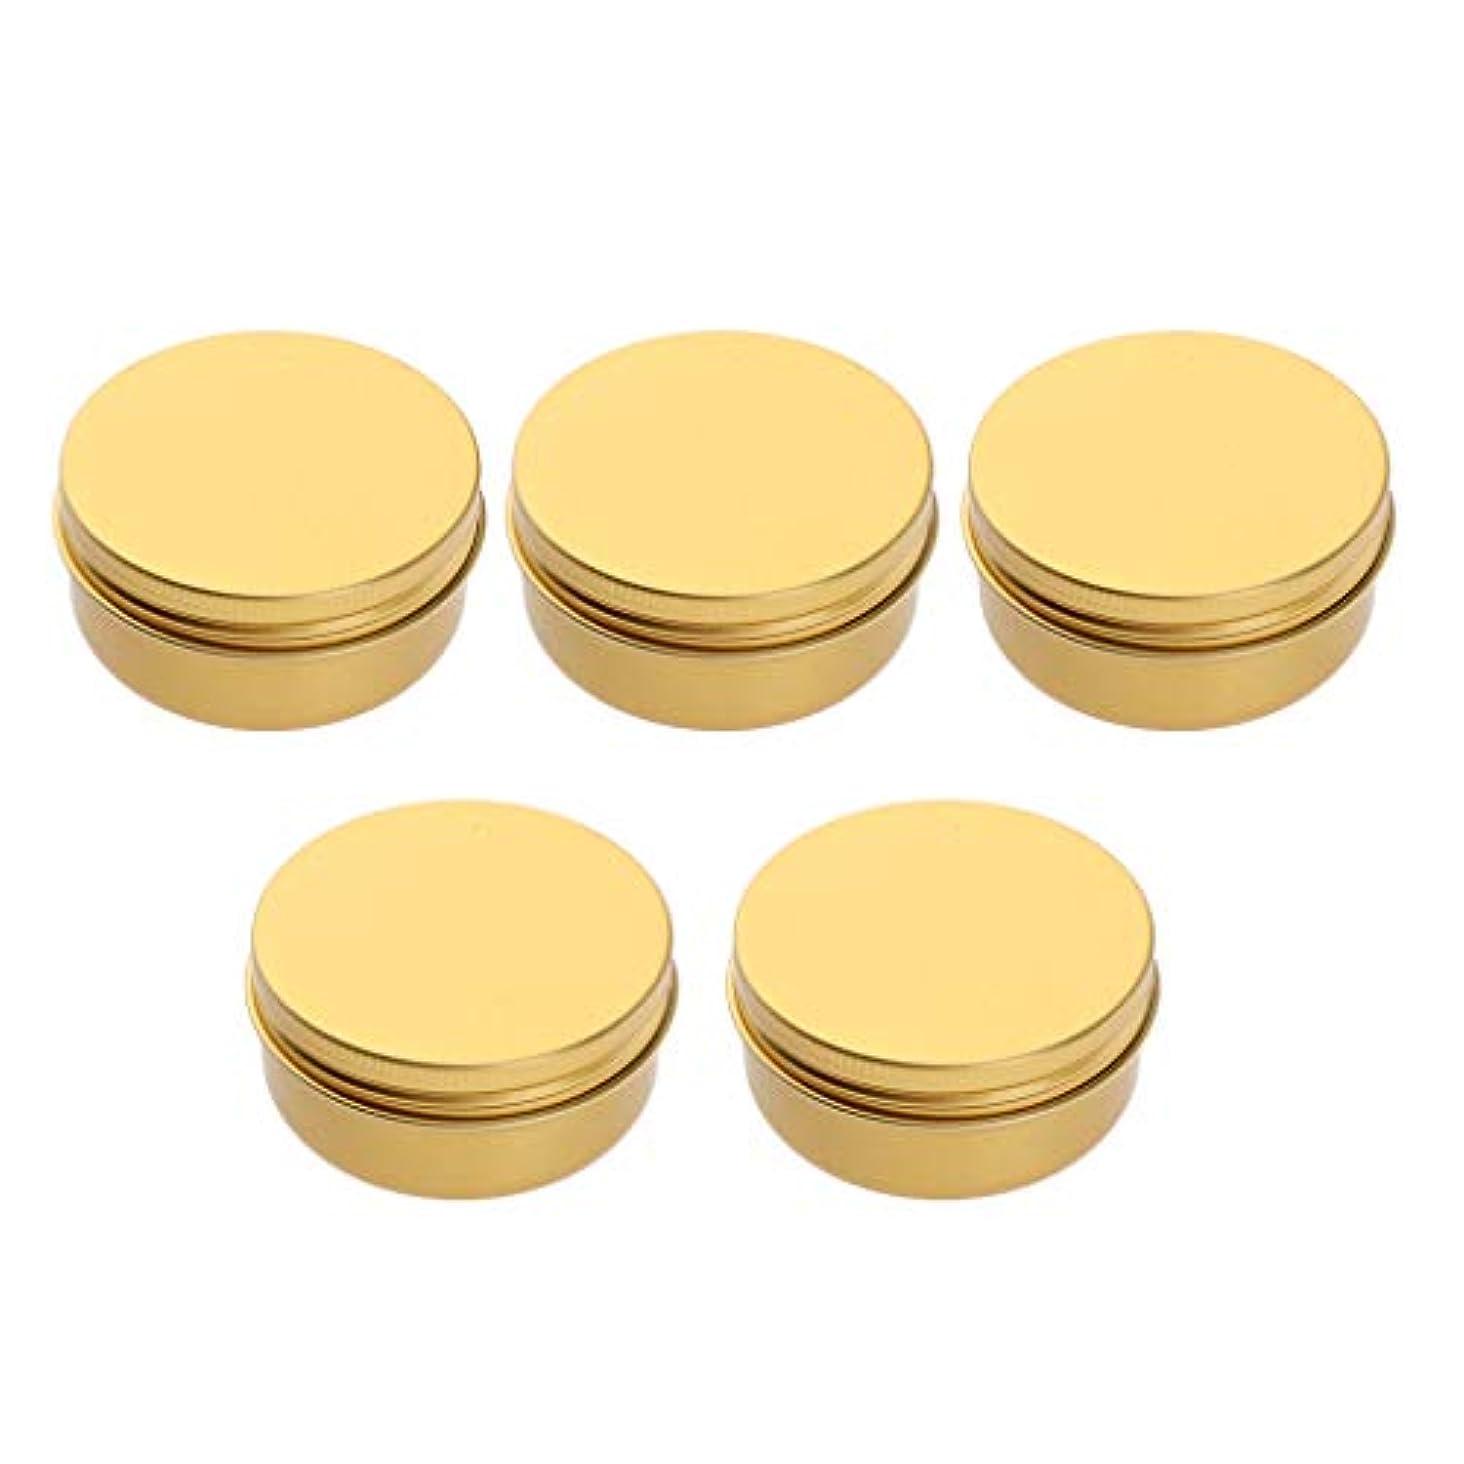 ホイップローストヘッジ5ピース/個50/60/100 / 150ml空の化粧品ポットリップバーム容器ジャーアルミ缶 - 50ミリリットル